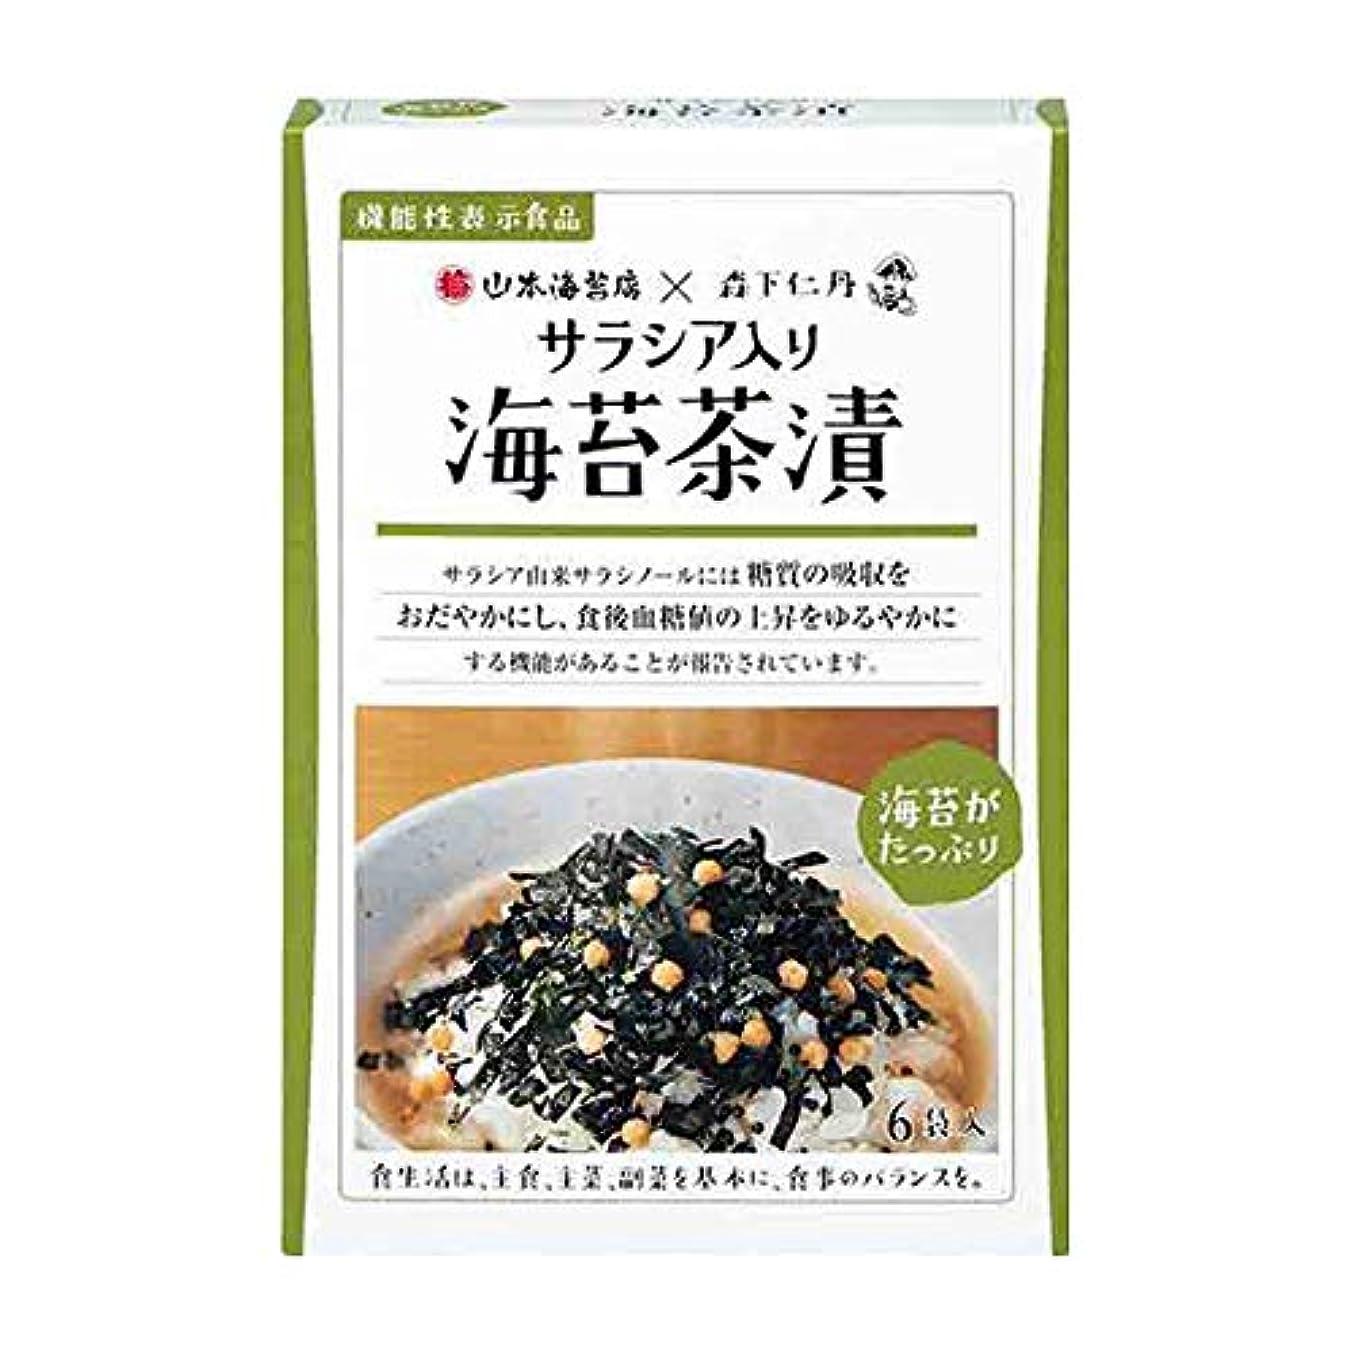 グリットソフトウェア境界森下仁丹 海苔茶漬 サラシア入り (6.2g×6袋) [機能性表示食品]